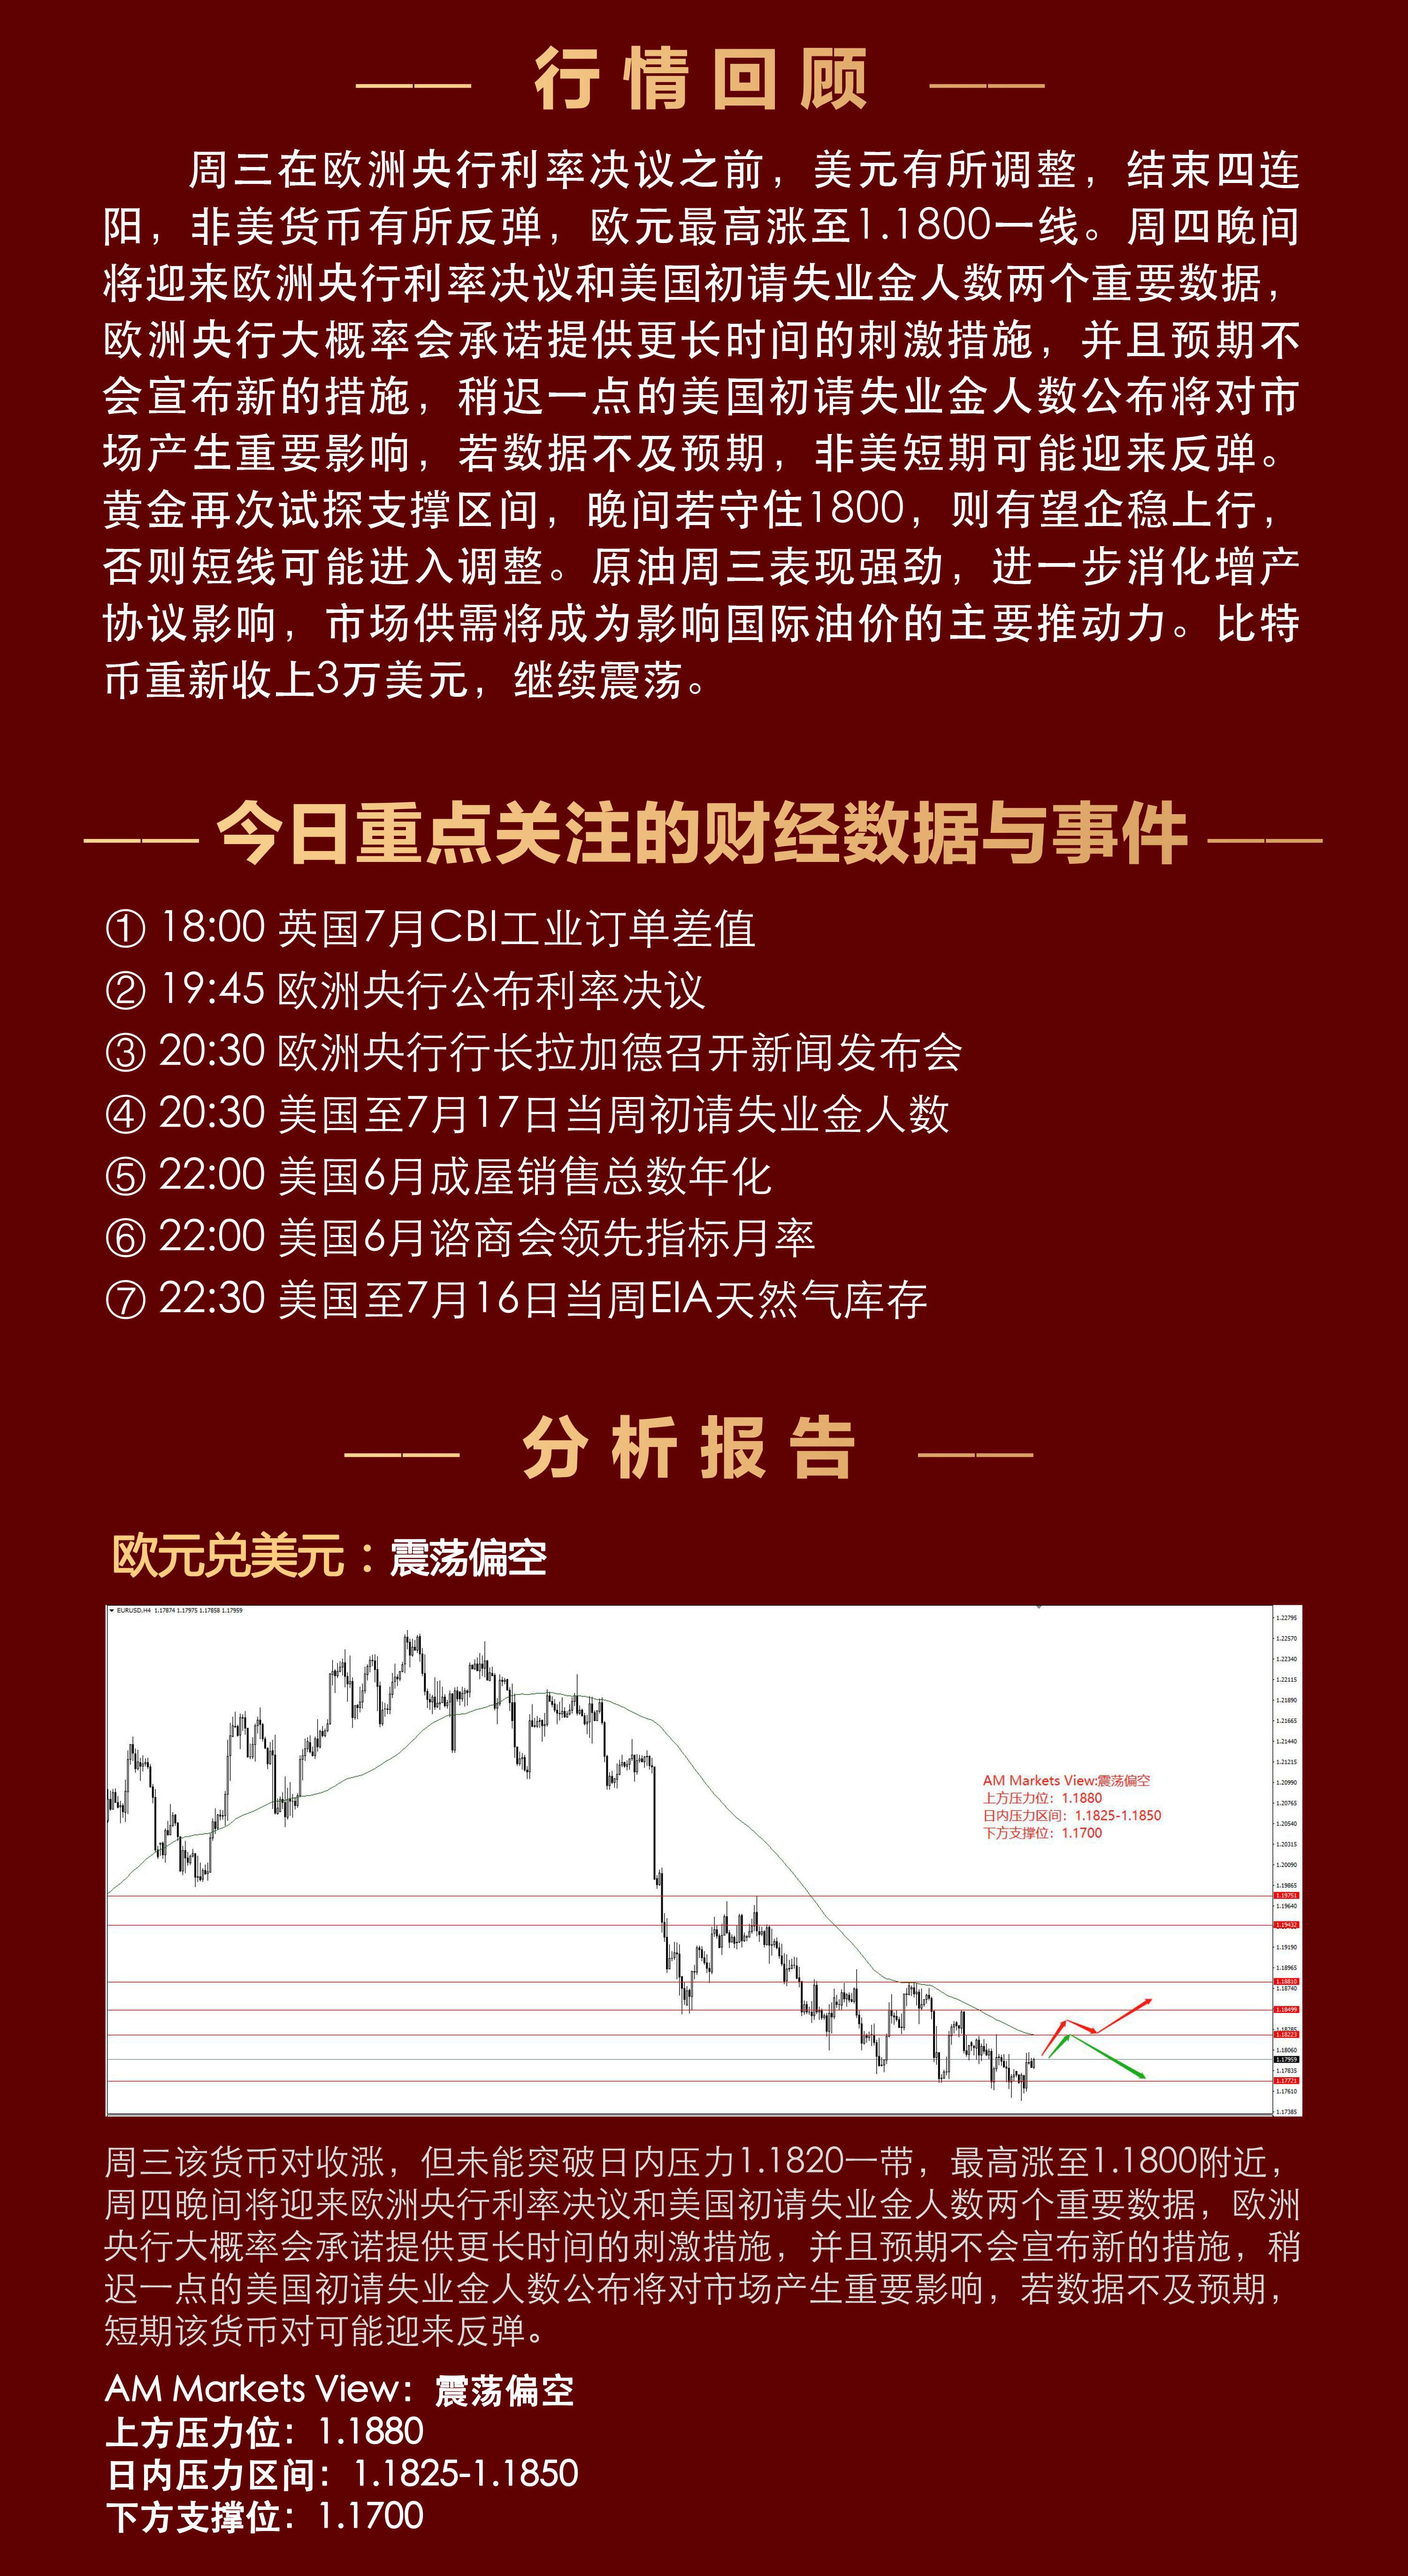 7.22分析报告(欧央行利率决议指引方向?黄金决战1800?)_02.jpg